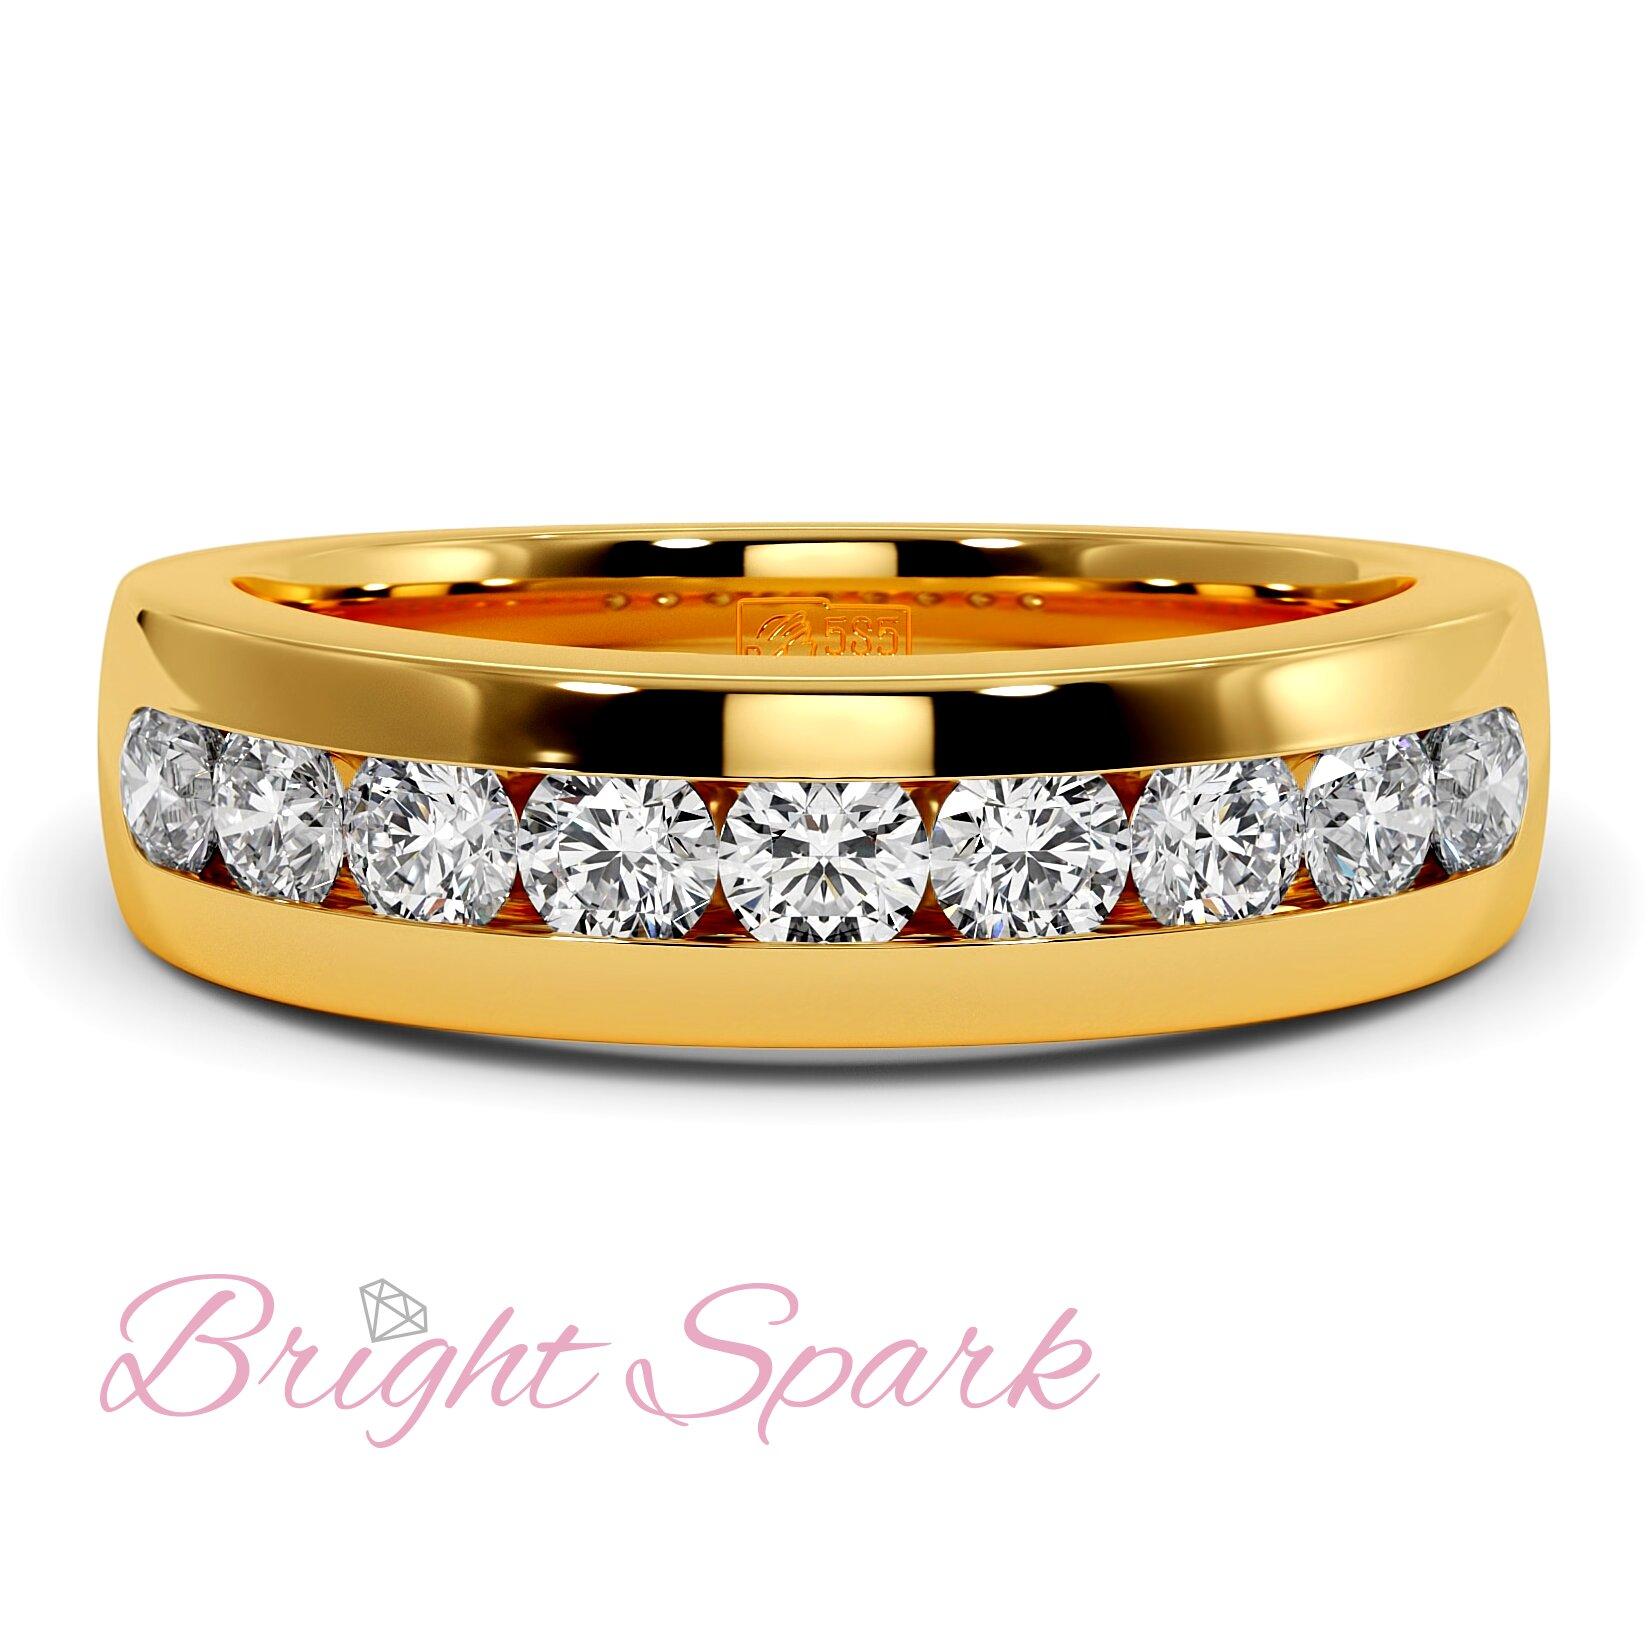 Обручальное кольцо желтого золота с 9 муассанитами Robert 0,9 карата